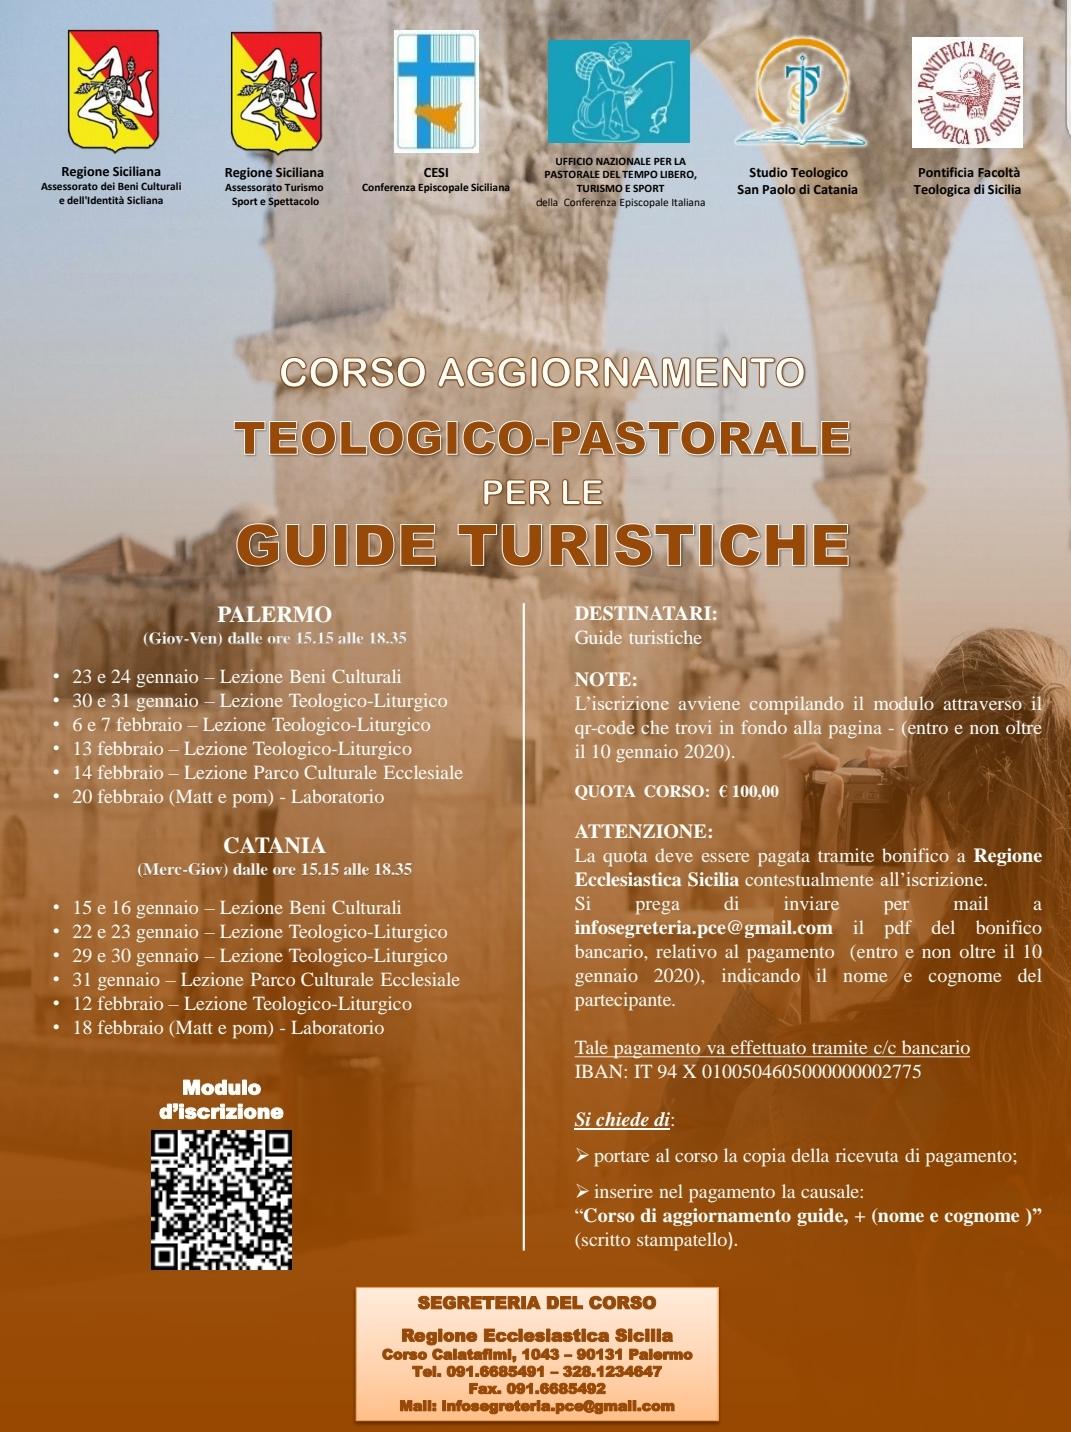 TURISMO RELIGIOSO: LE GUIDE DI SICILIA A SCUOLA DI TEOLOGIA E PASTORALE